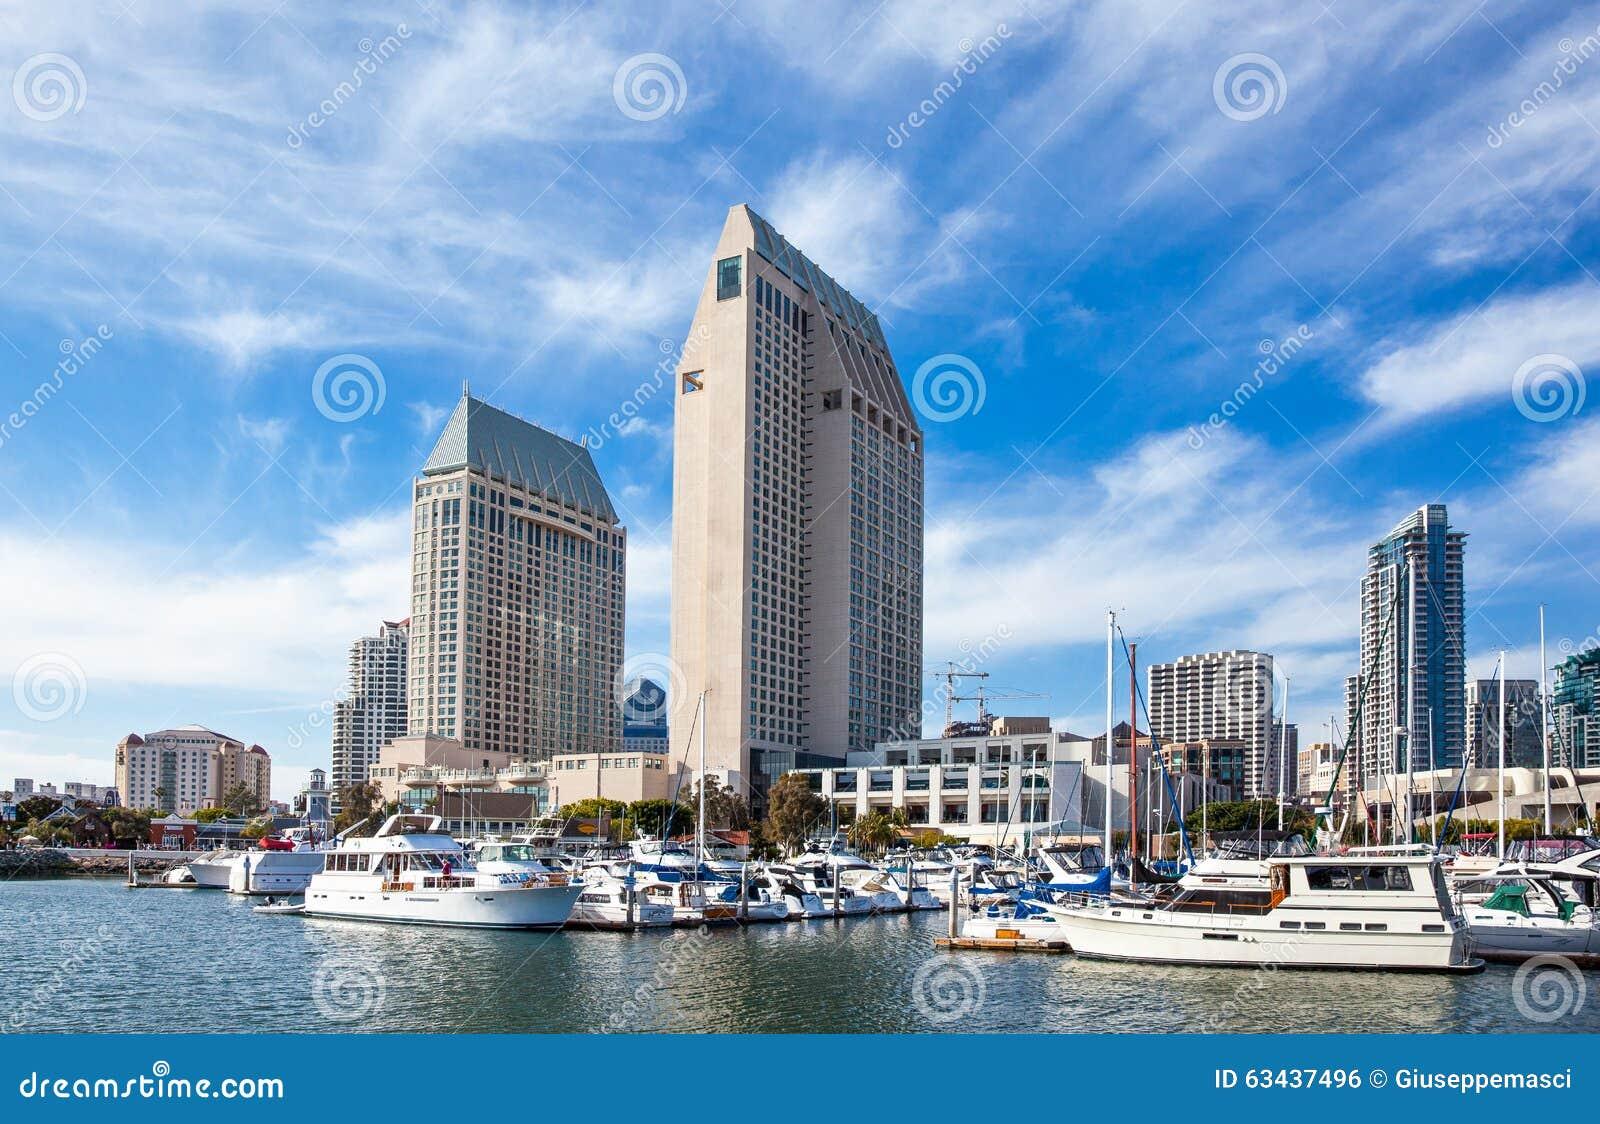 san diego foto editorial imagem de barco vila torre 63437496. Black Bedroom Furniture Sets. Home Design Ideas